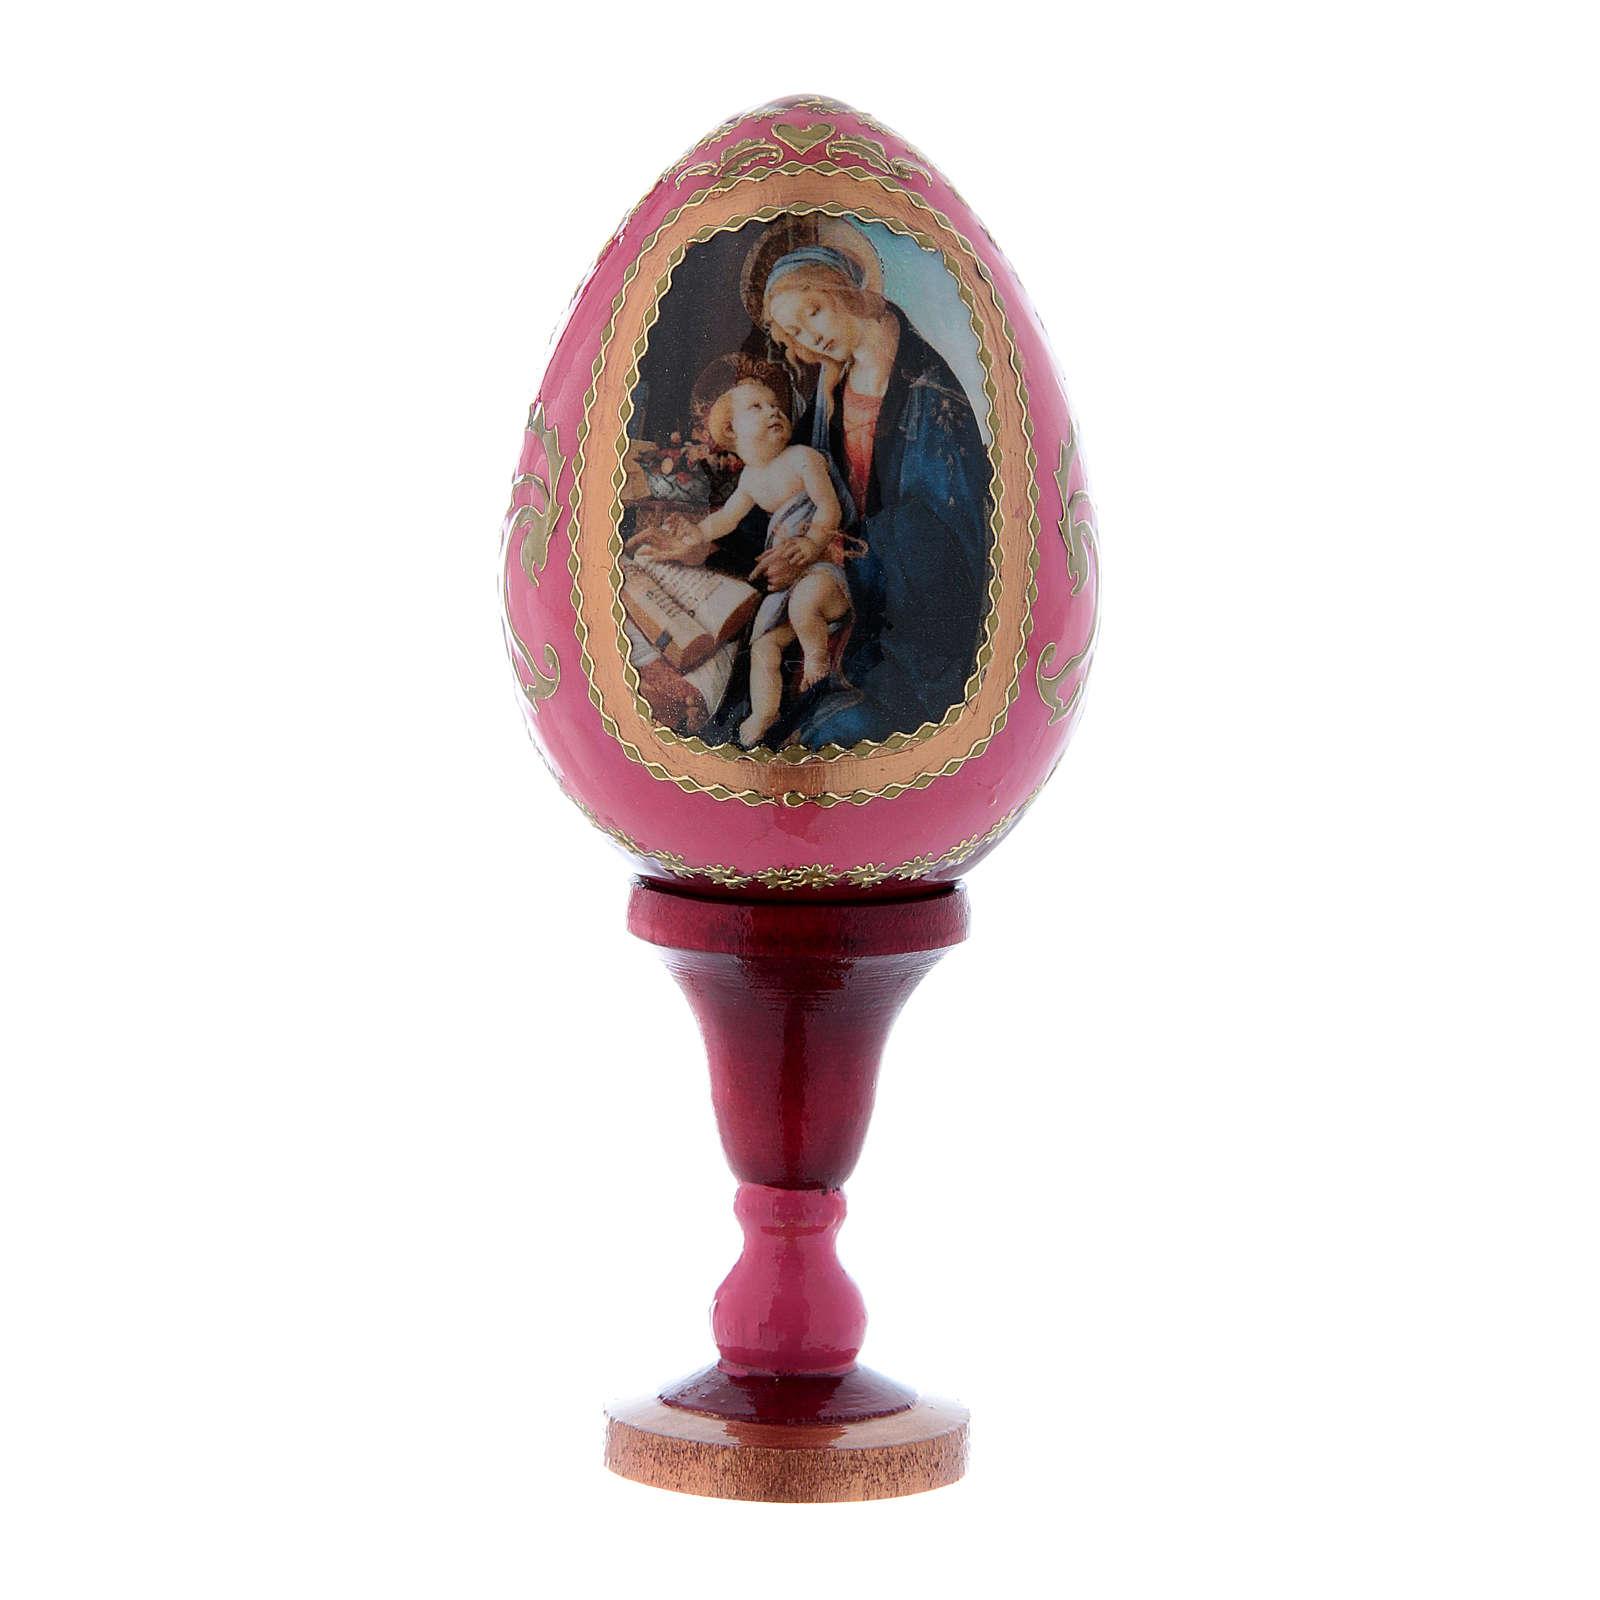 Oeuf rouge La Madone du Livre russe style Fabergé h tot 13 cm 4